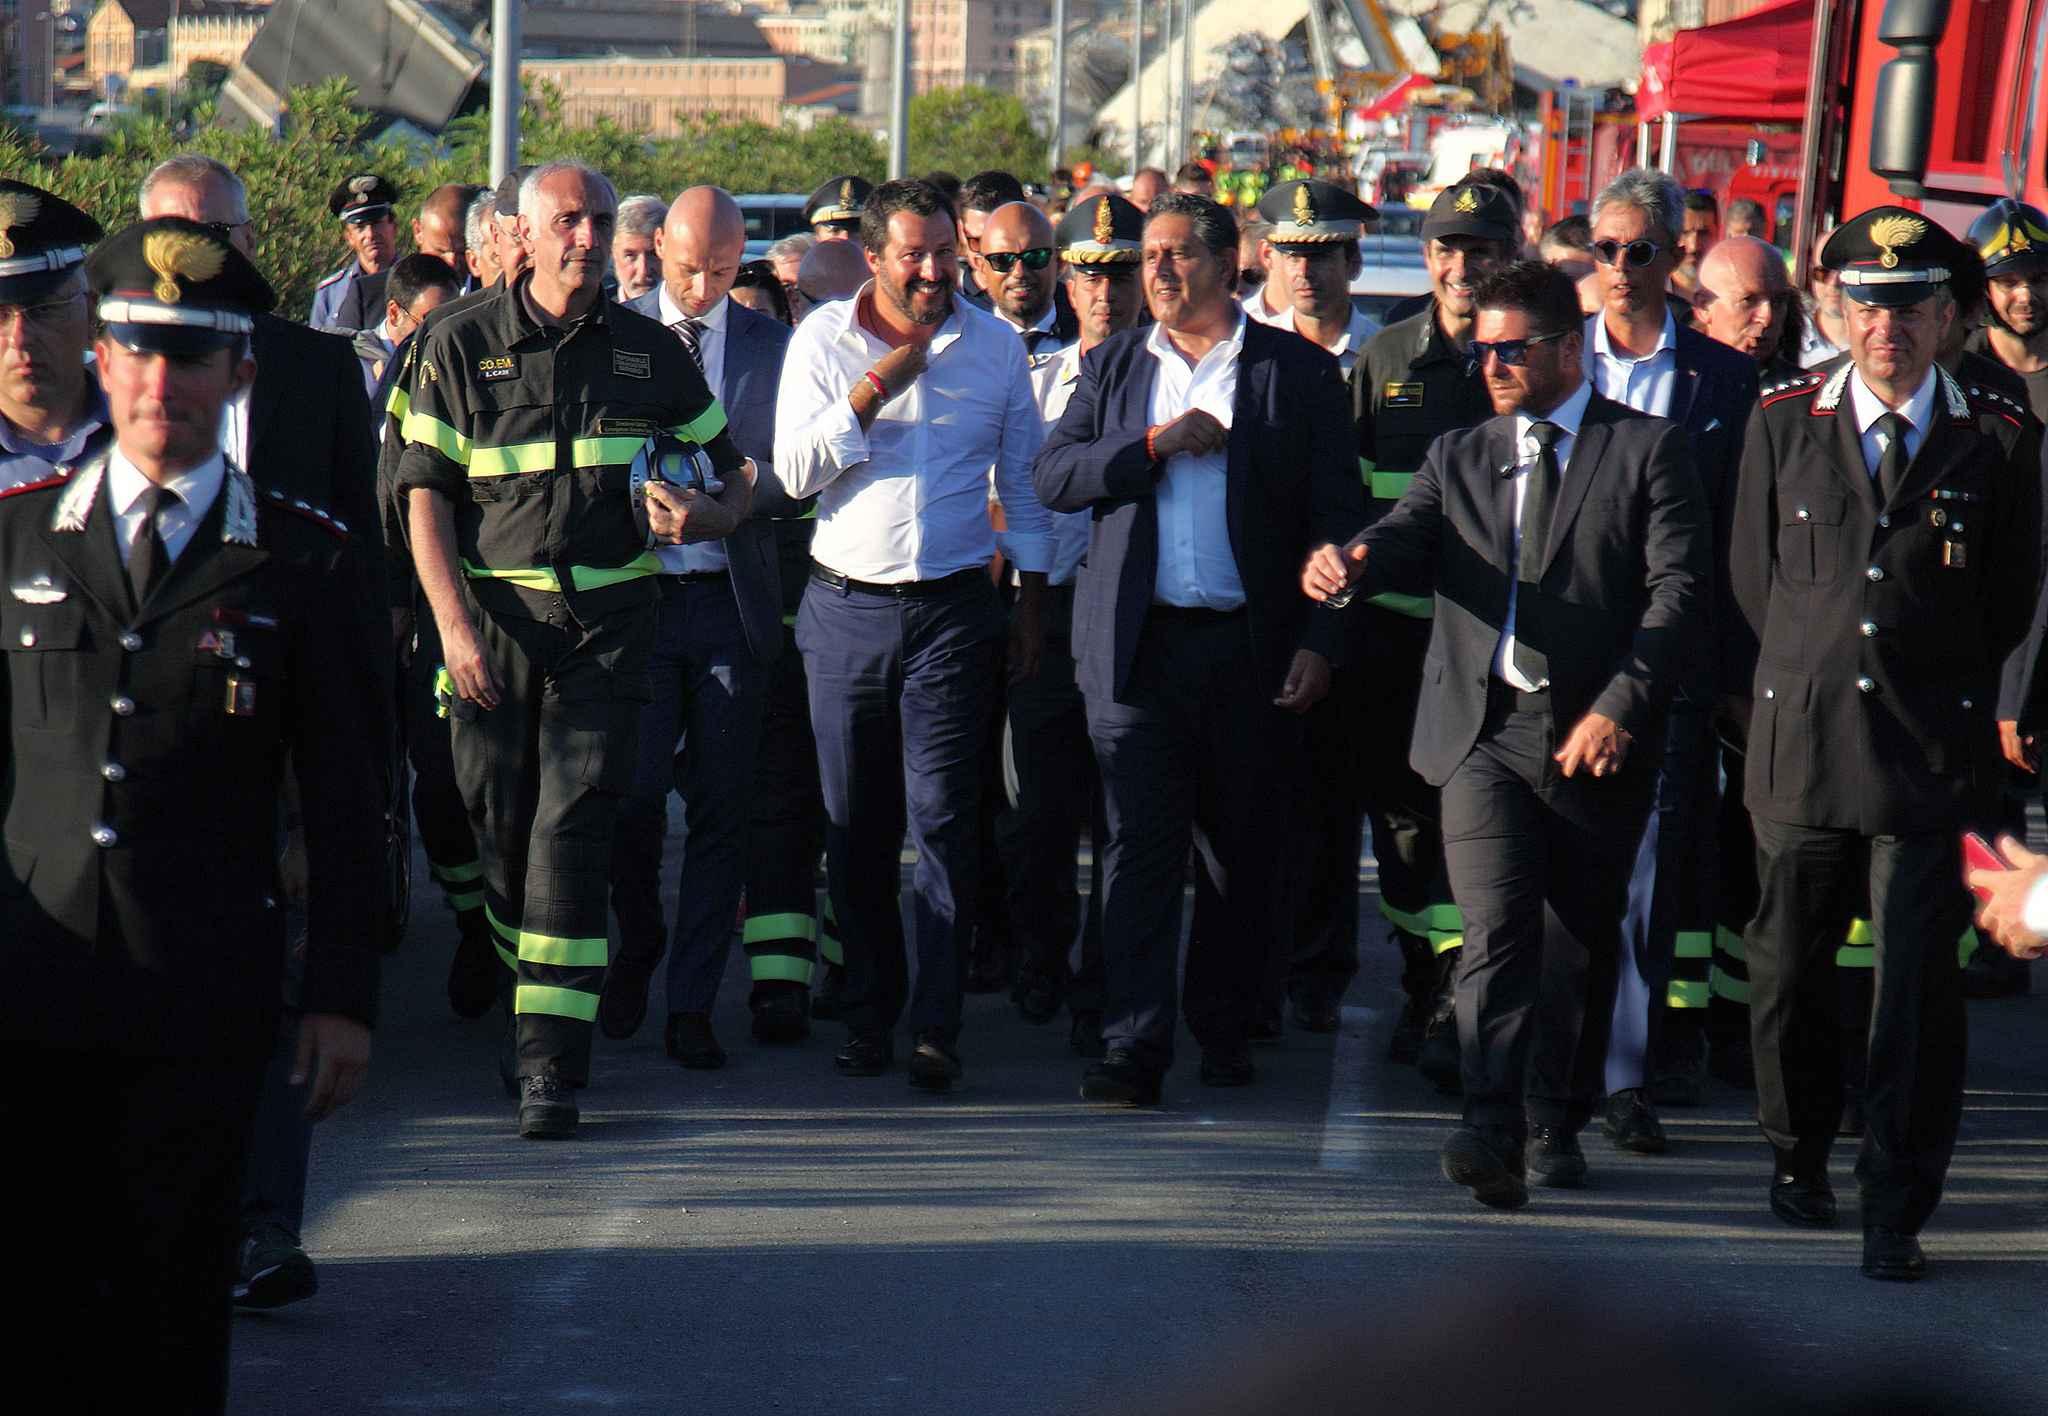 Jeudi 16 août,Matteo Salvini,(à gauche) le ministre de l'Intérieur italien et Giovanni Toti, le président de la région Ligurie, dont la capitale est Gênes sont arrivés dans cette ville où le pont Morandi s'est effondré.